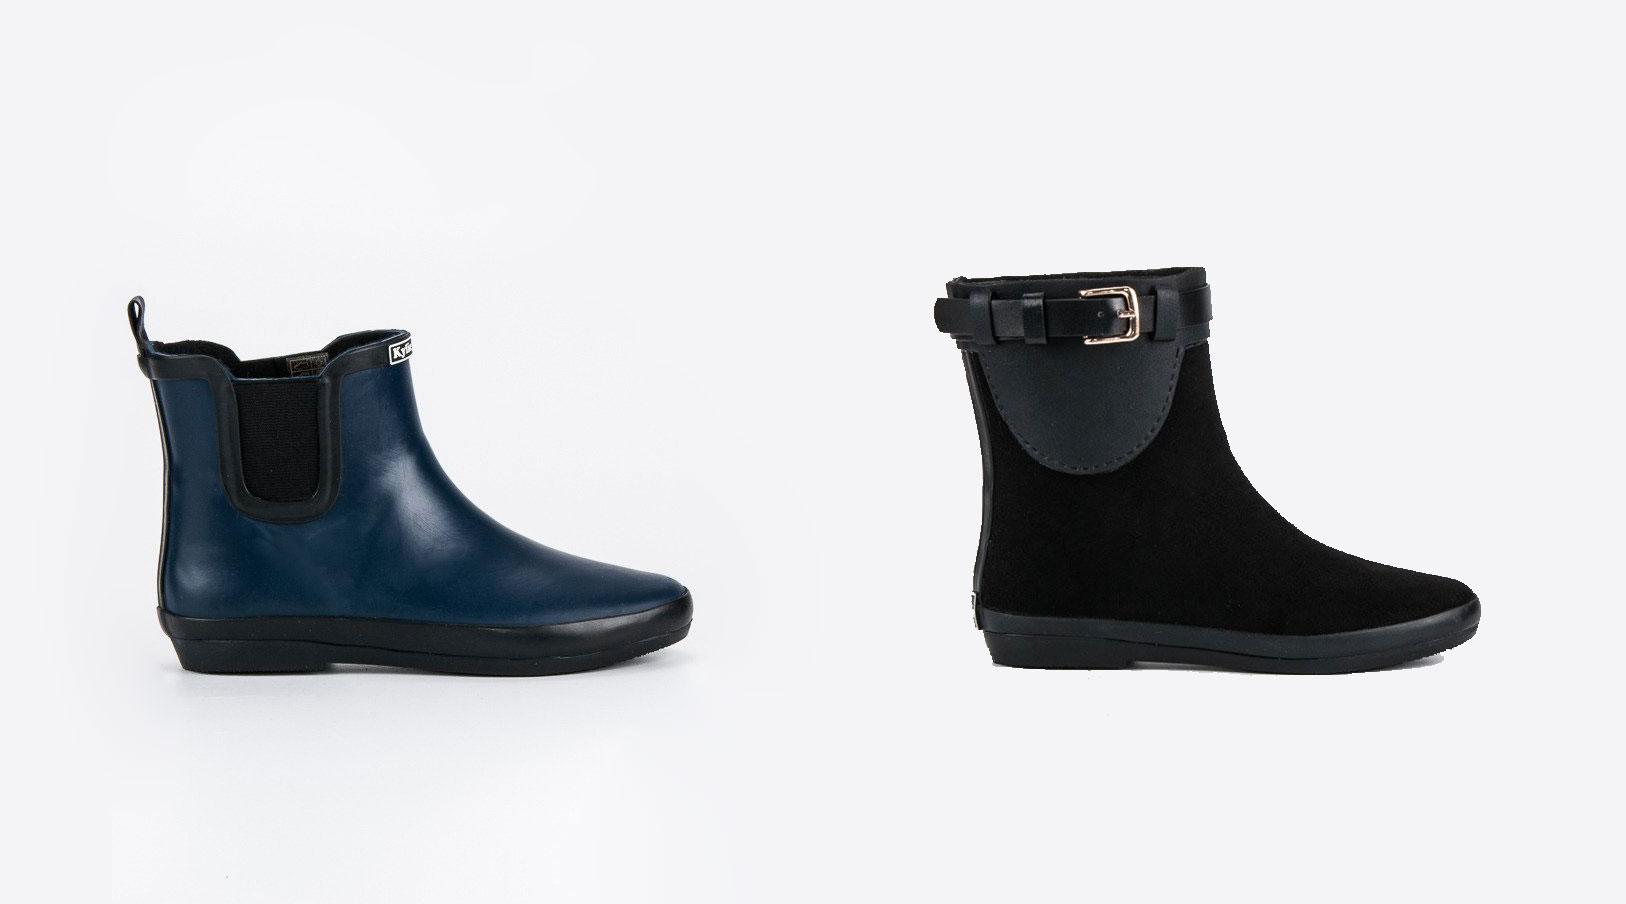 Podzimní boty  Kozačky dc33a105d5